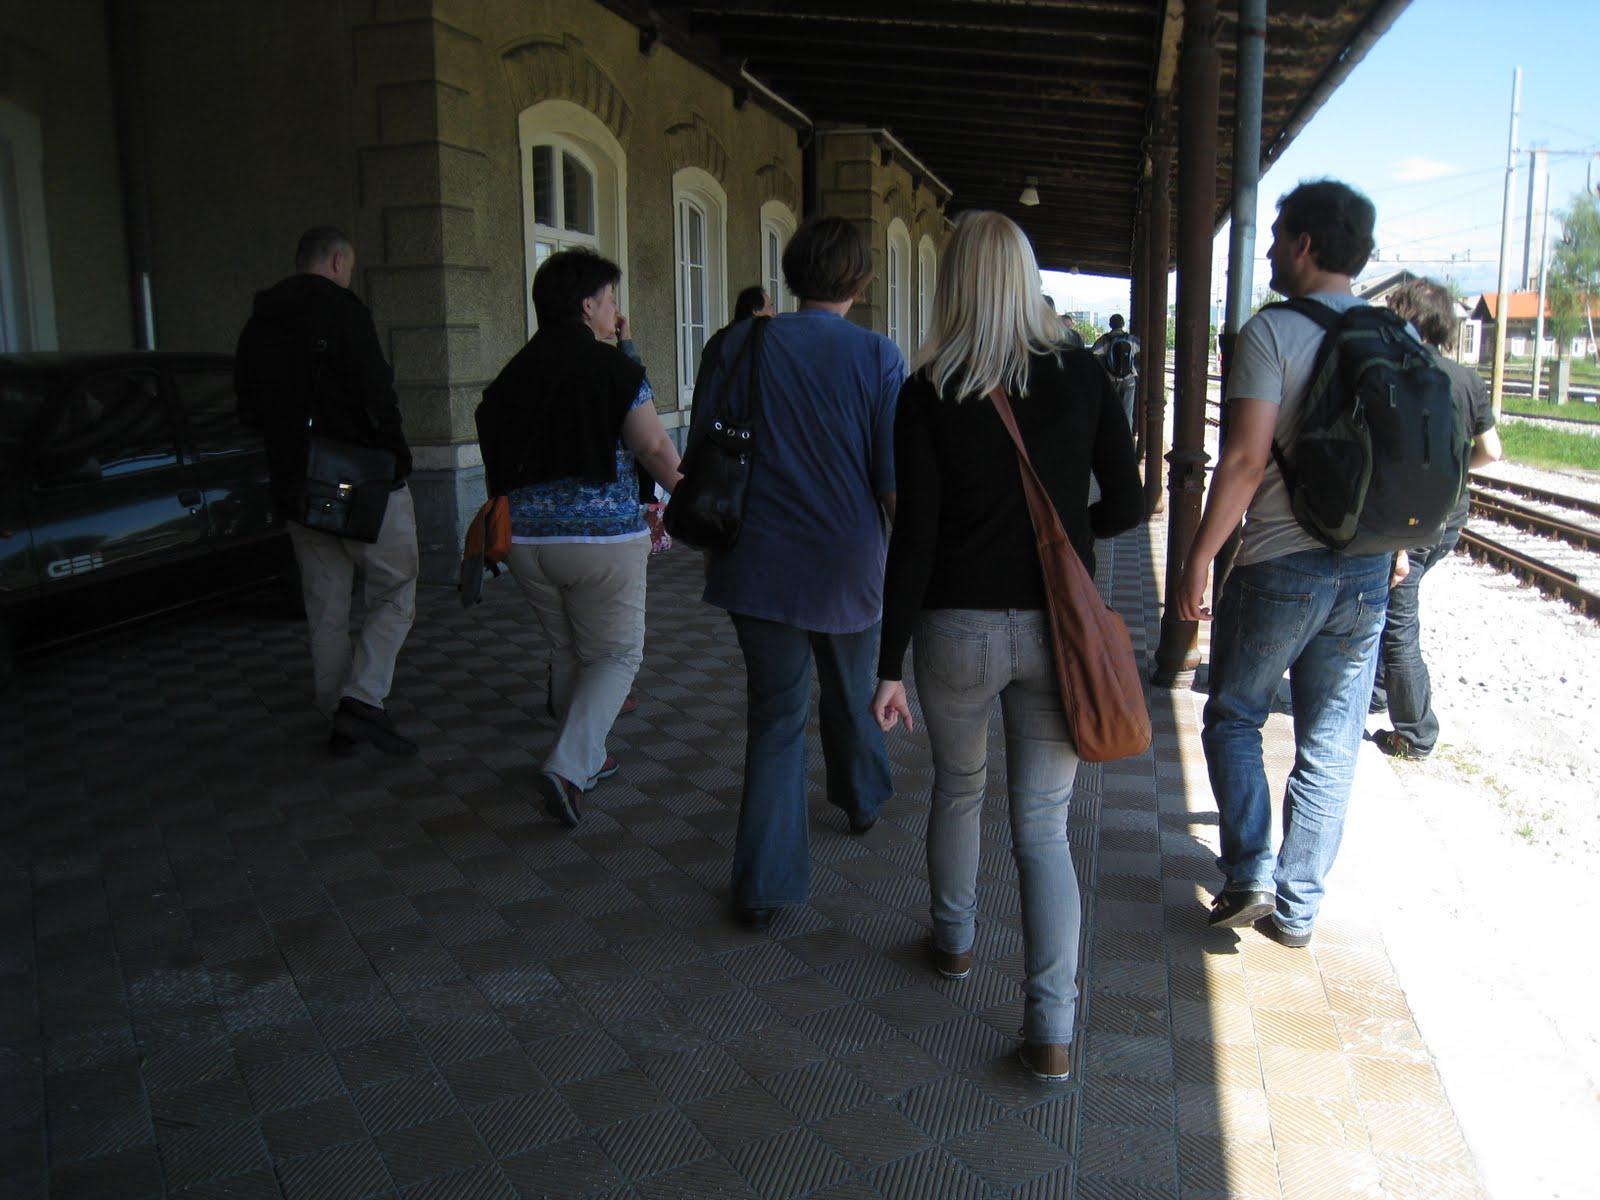 Urbani sprehodi Jane's Walk 2012: pripravljalni dogodek